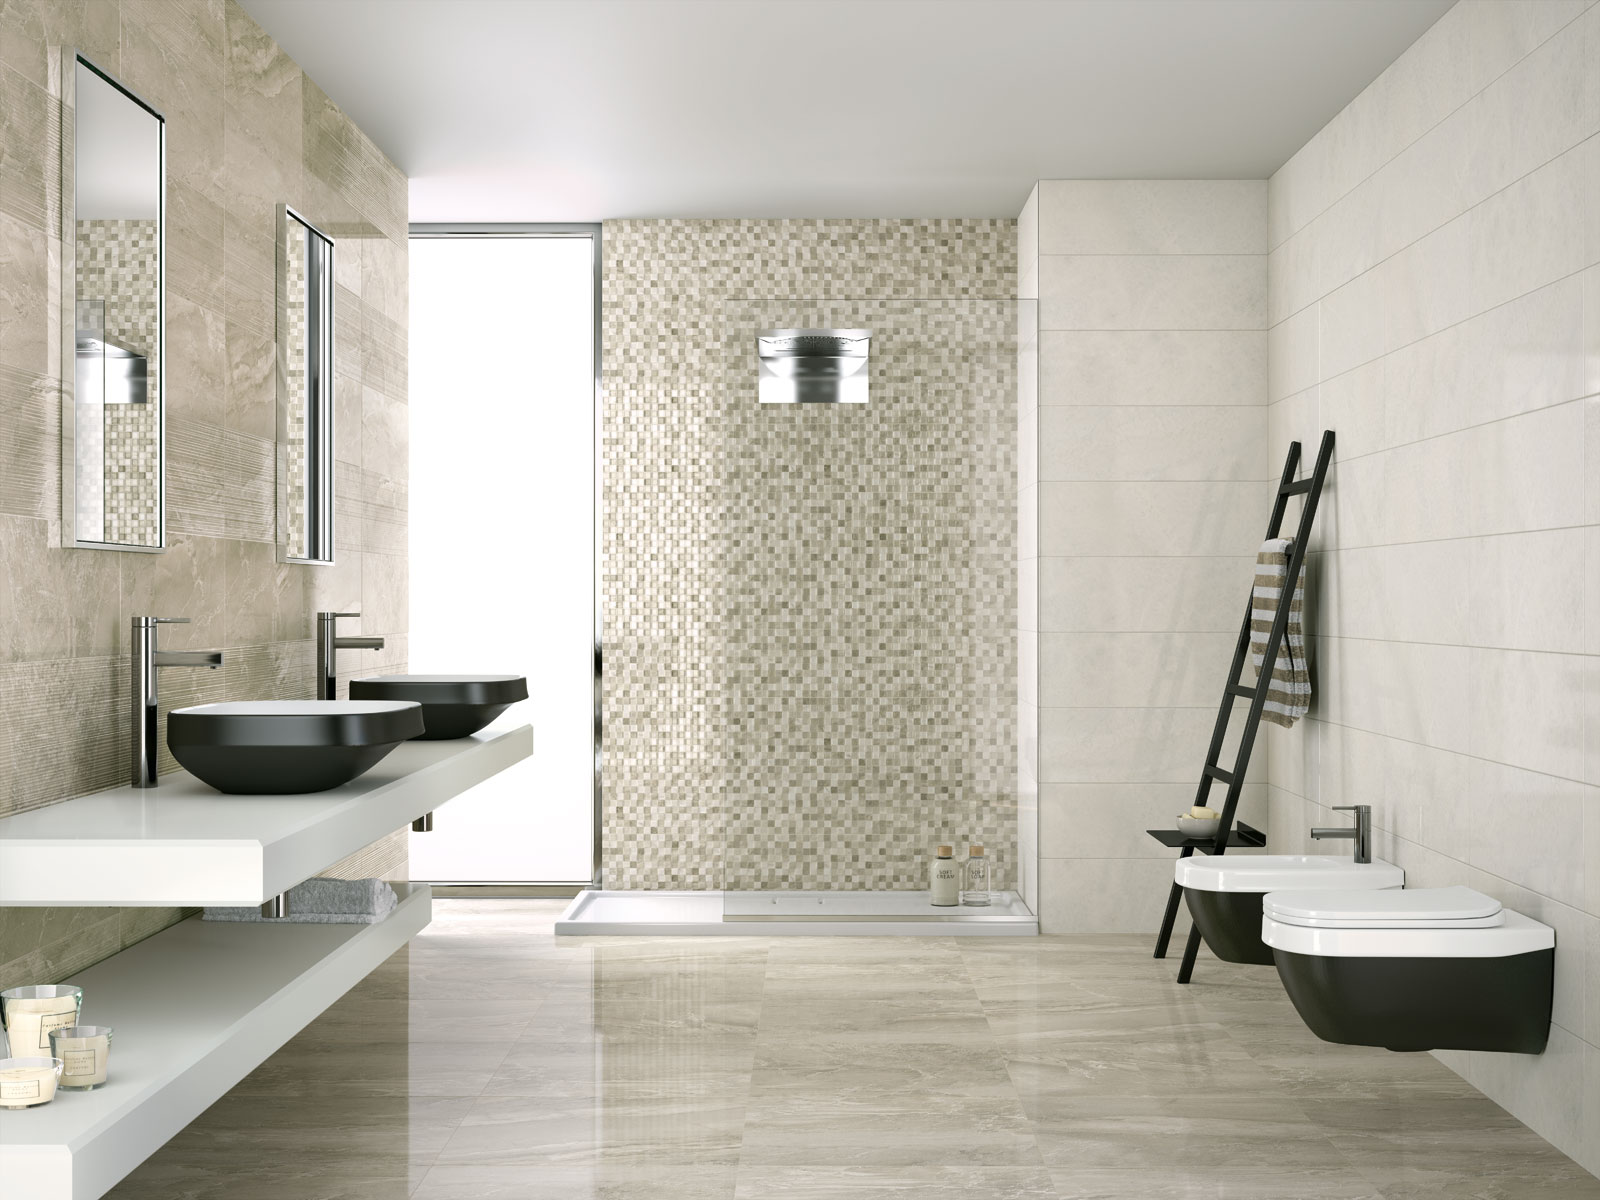 Lithos gres effetto marmo marazzi - Piastrelle di marmo ...